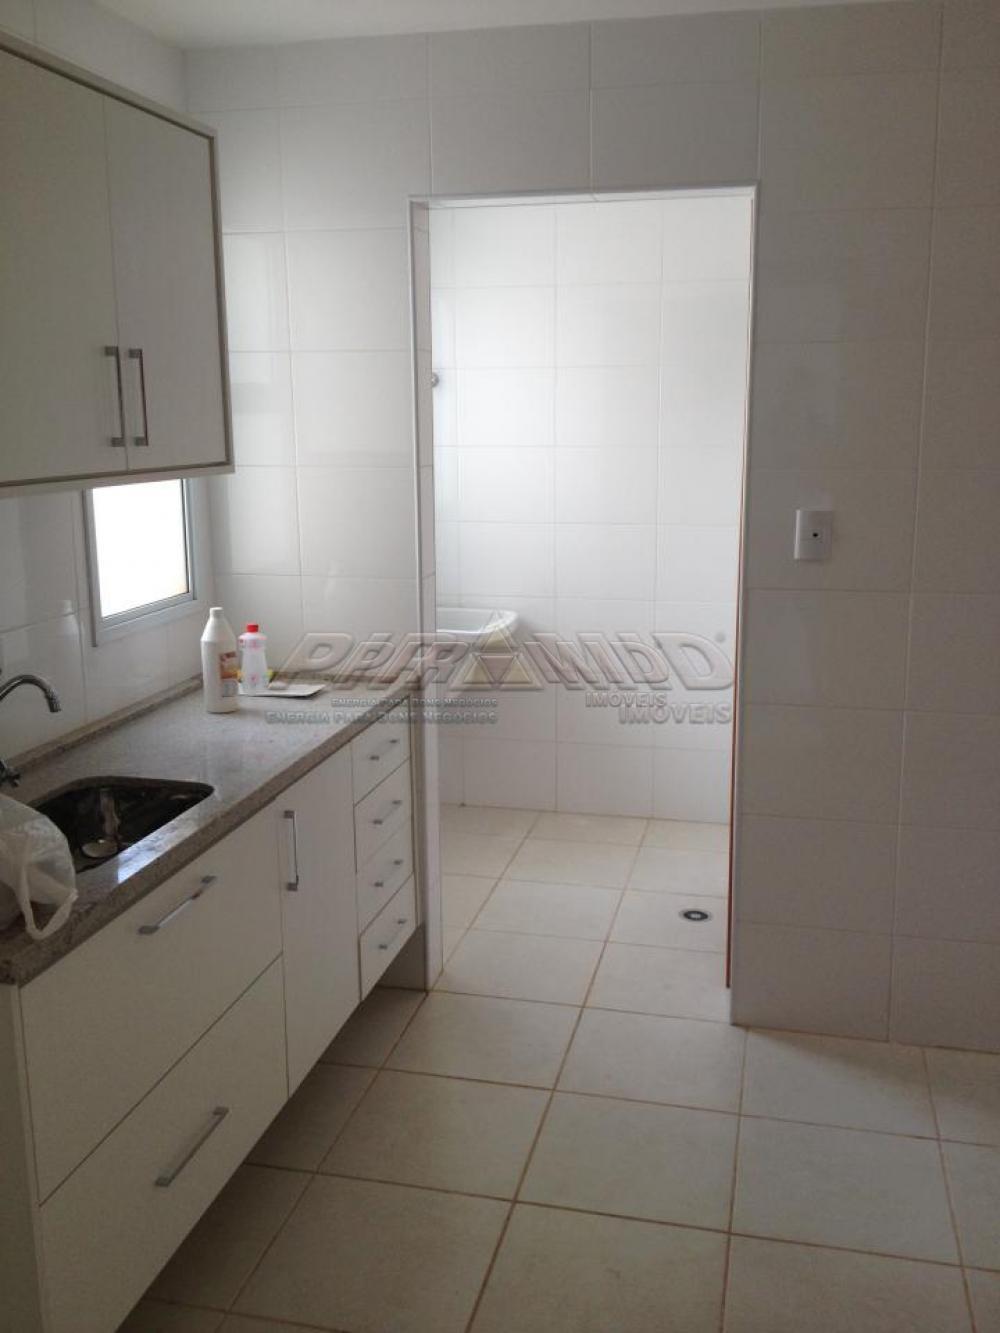 Alugar Apartamento / Padrão em Ribeirão Preto apenas R$ 1.950,00 - Foto 7